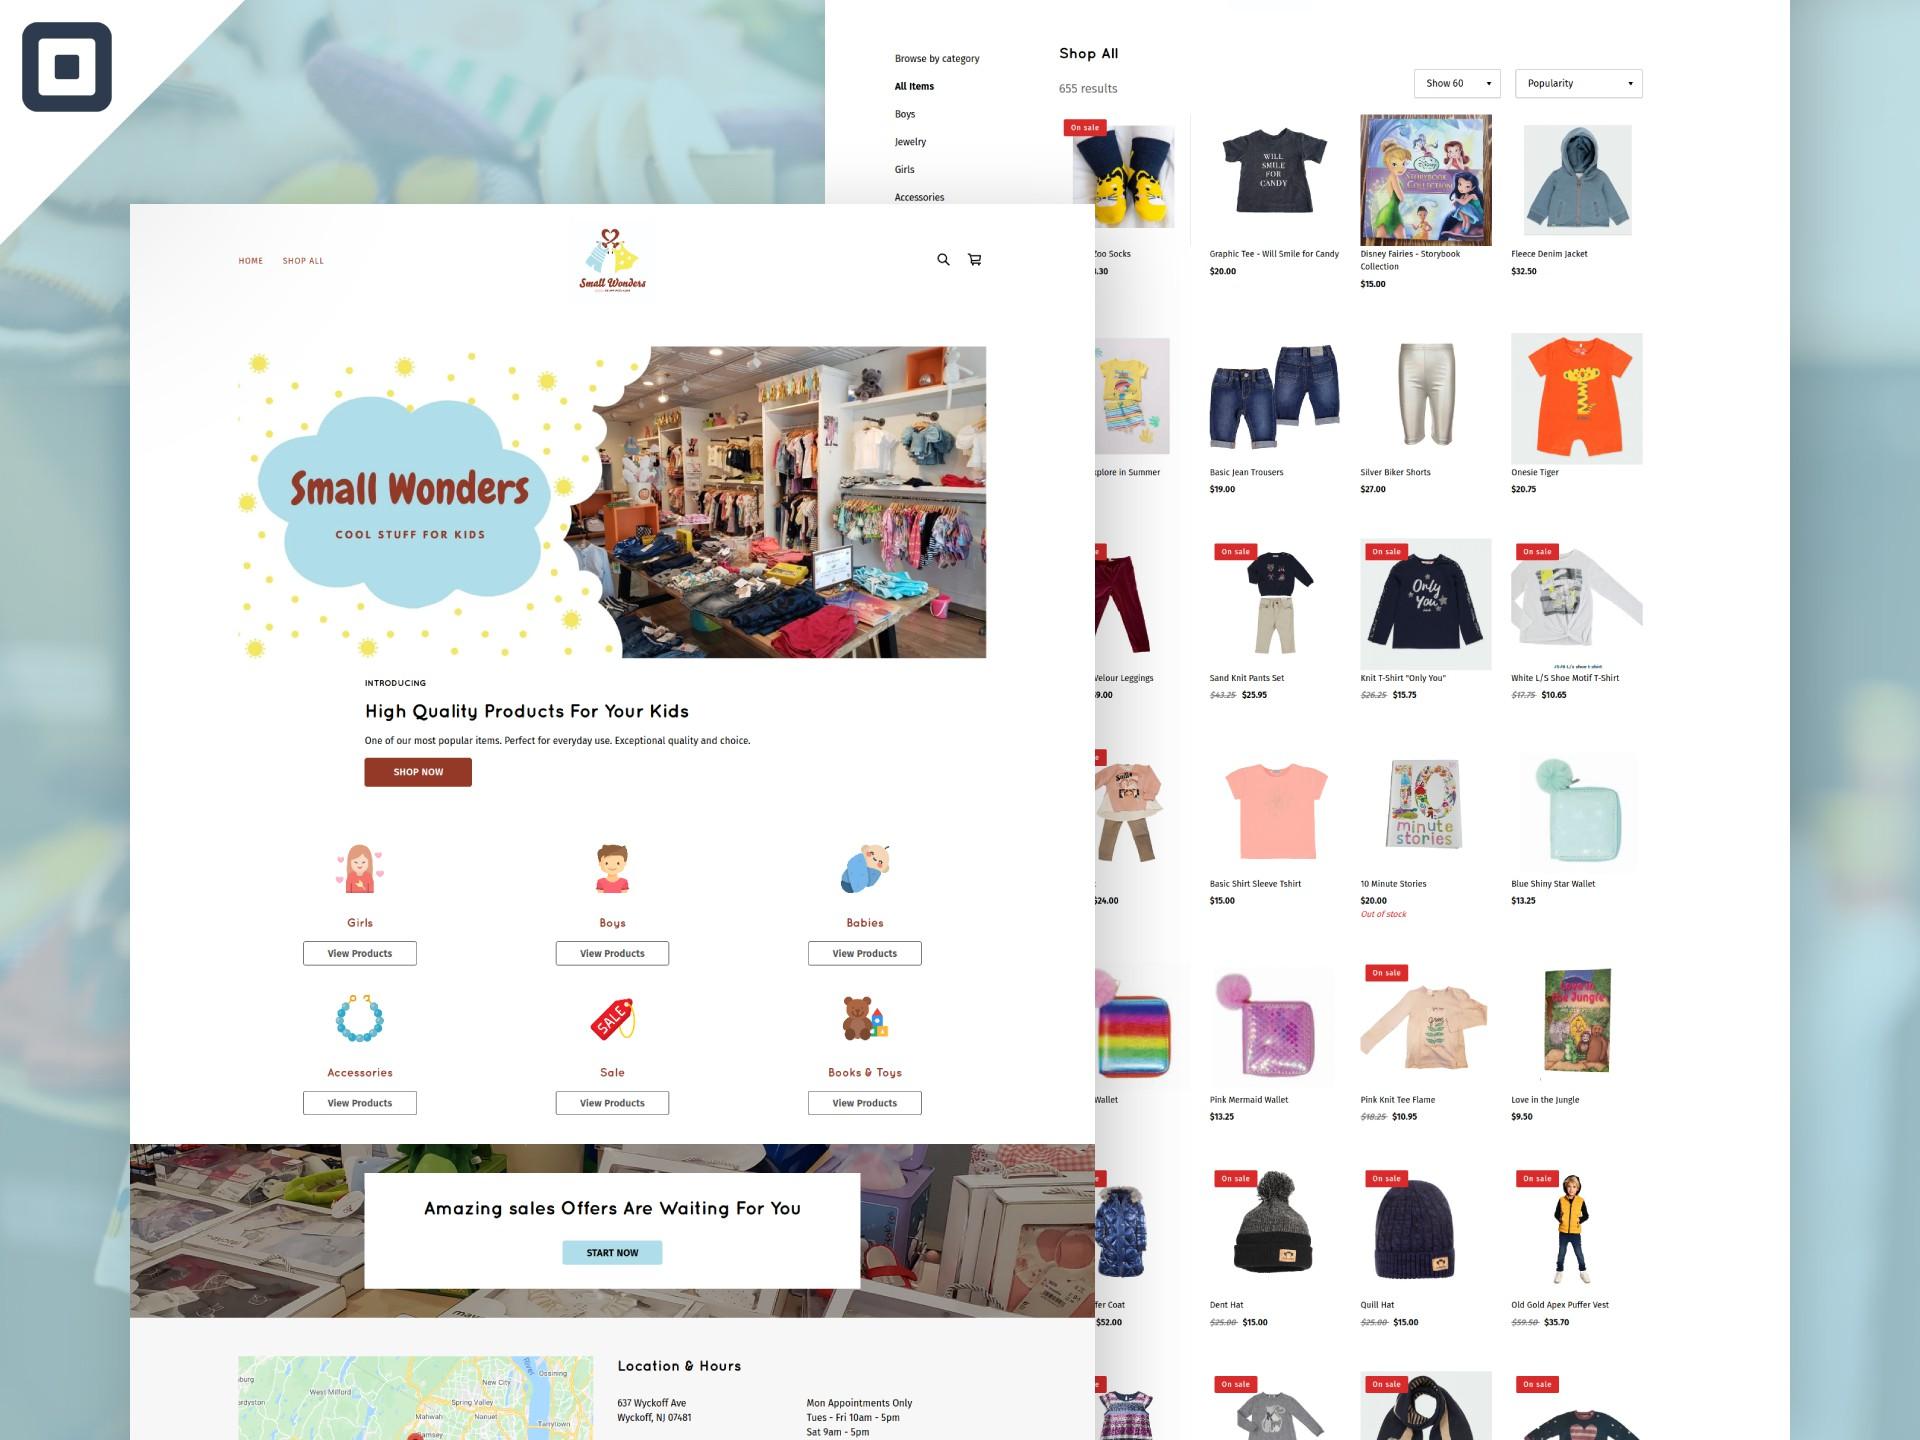 Small Wonders Website